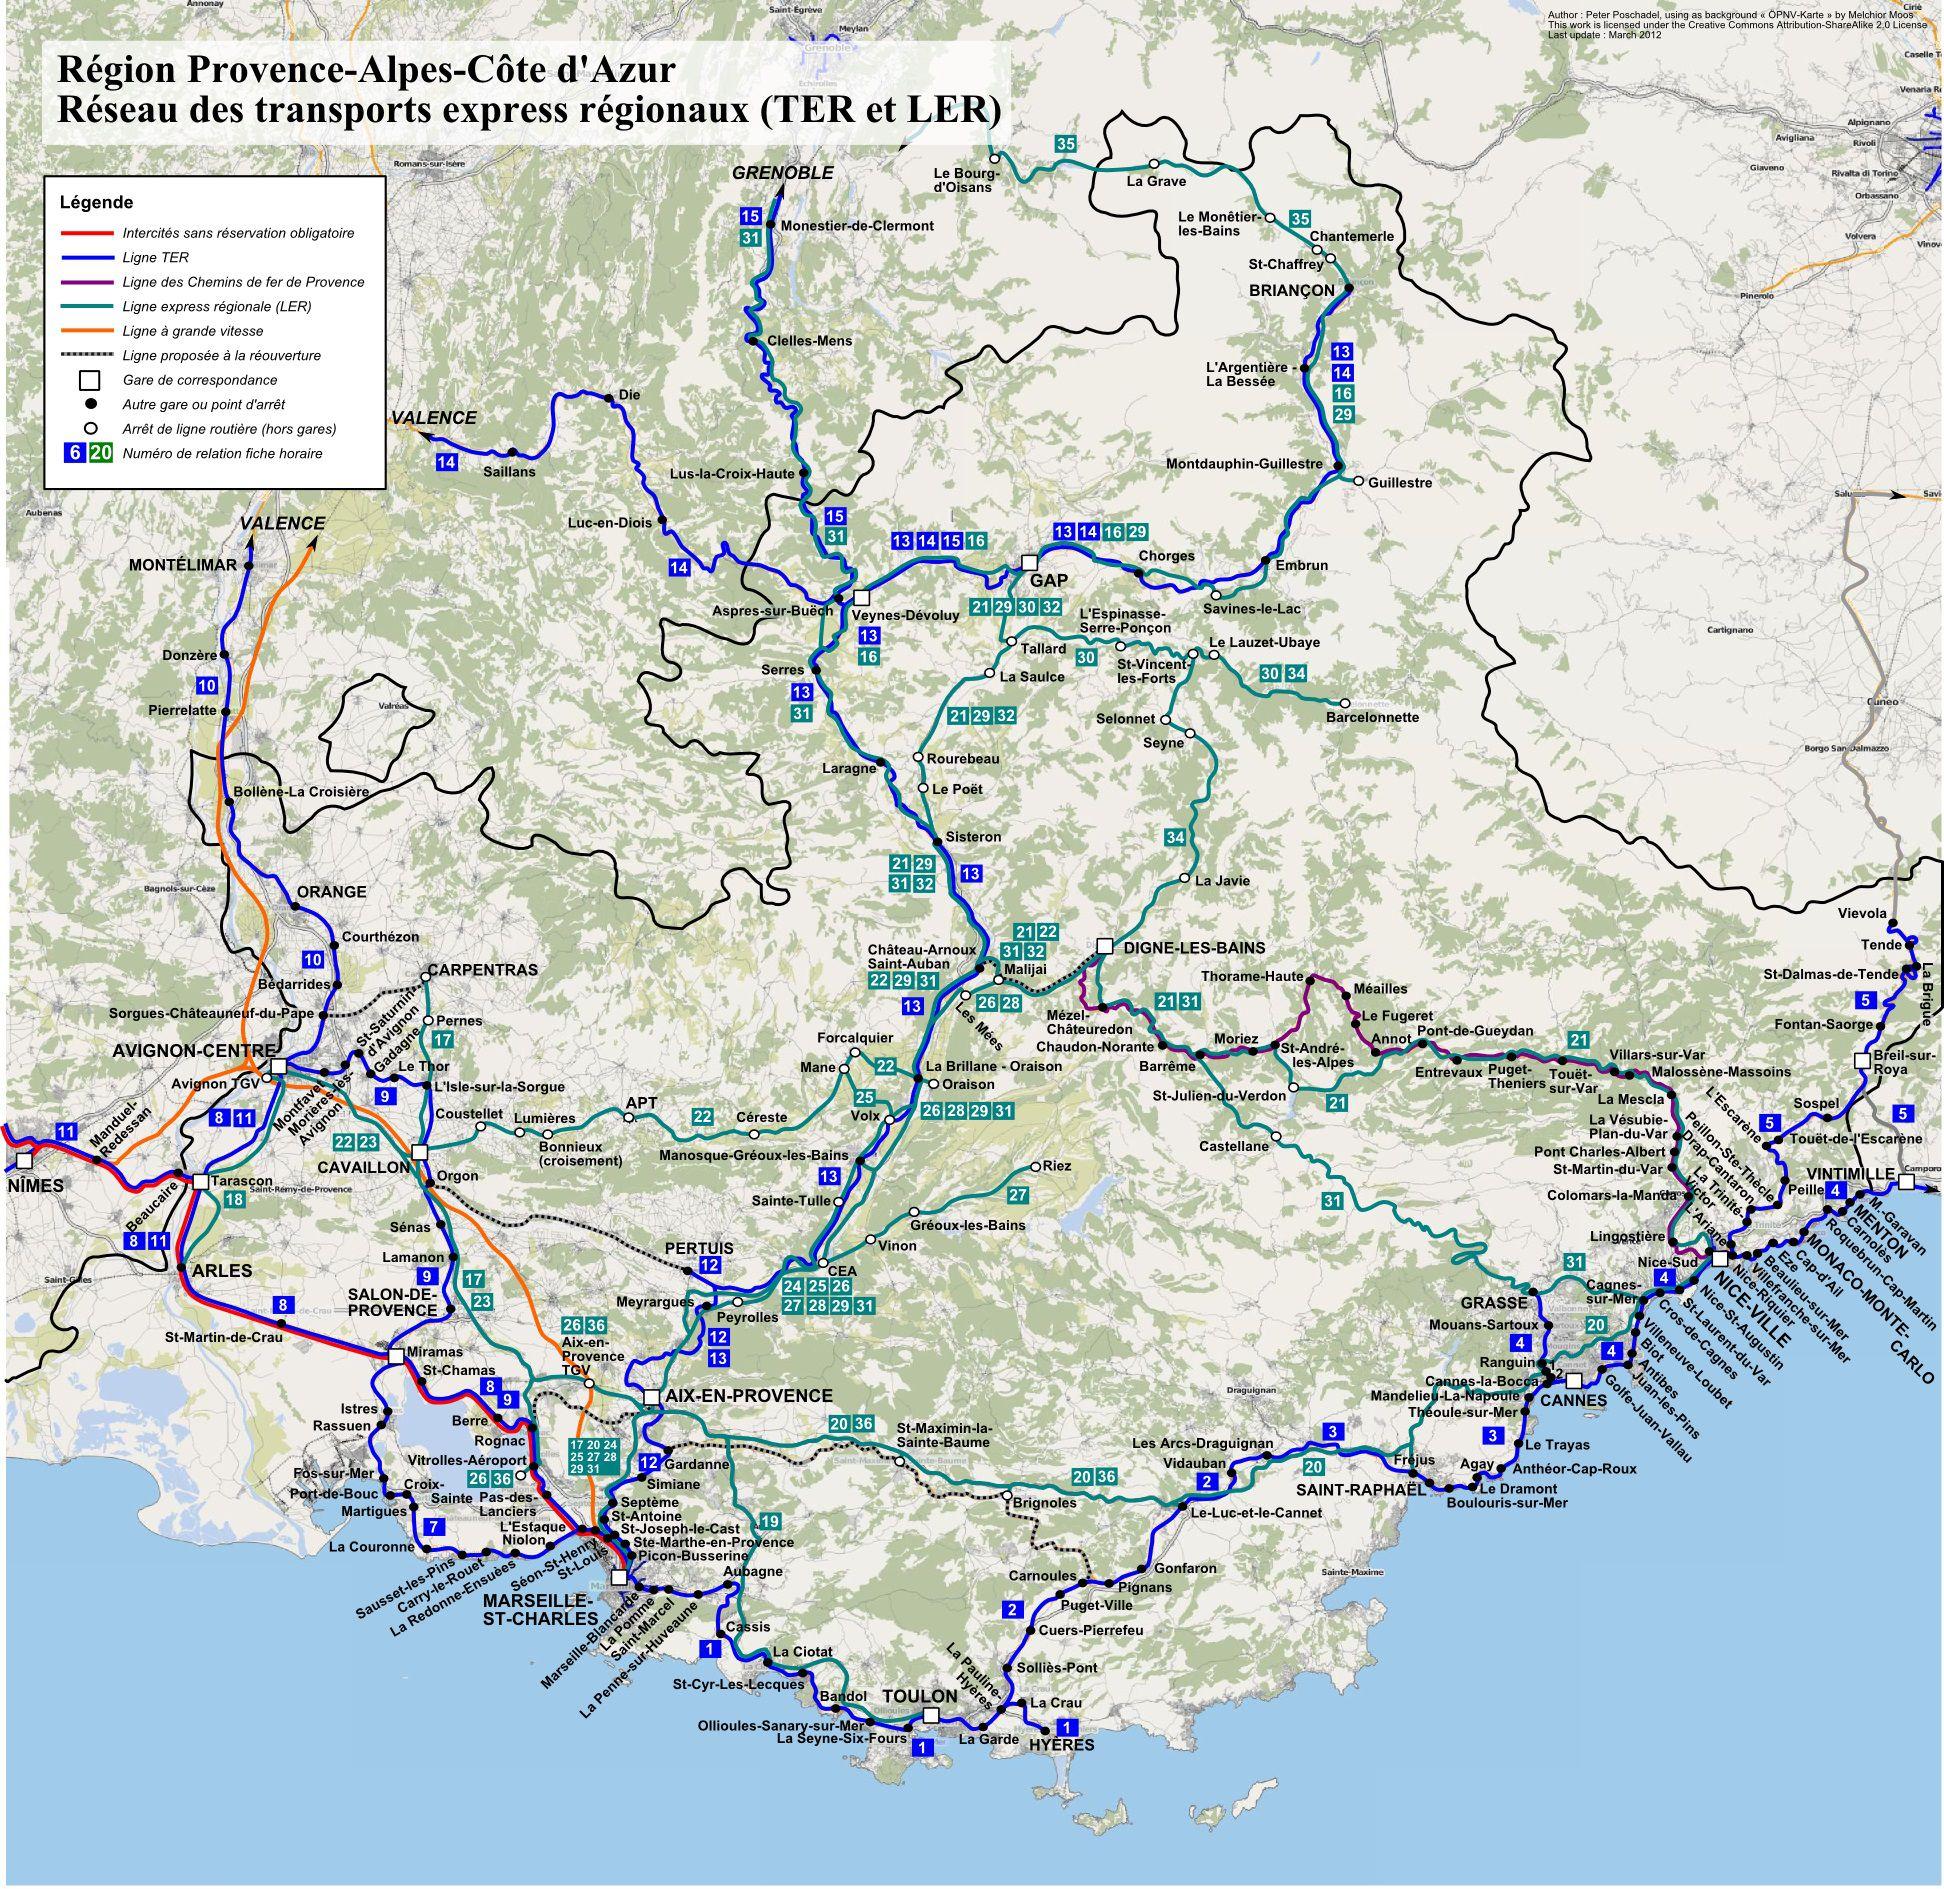 Carte des transports en PACA (Provence Alpes Côte d'Azur)